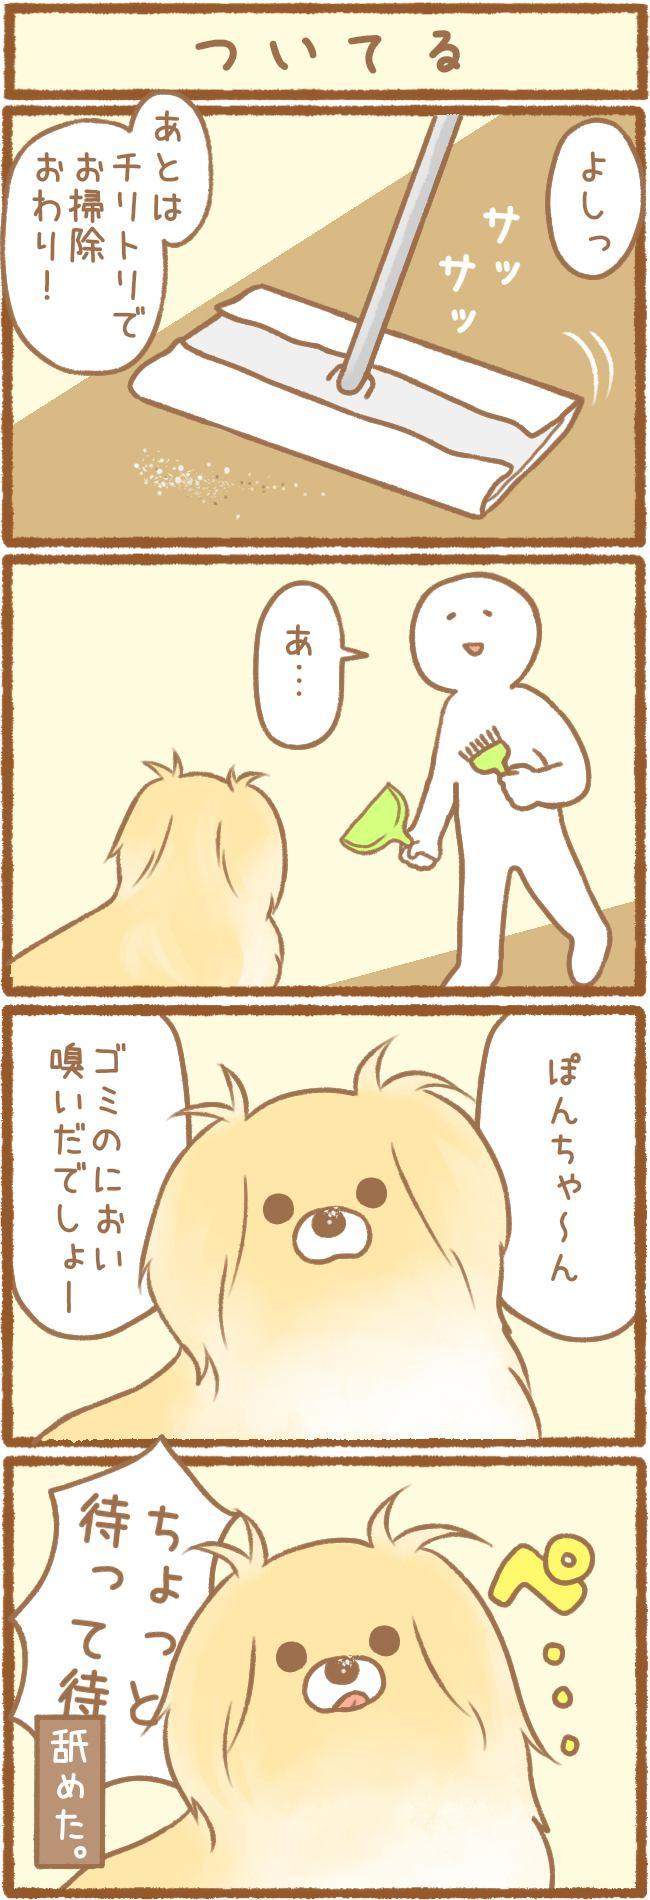 ただの犬好きです。第38話 ついてる